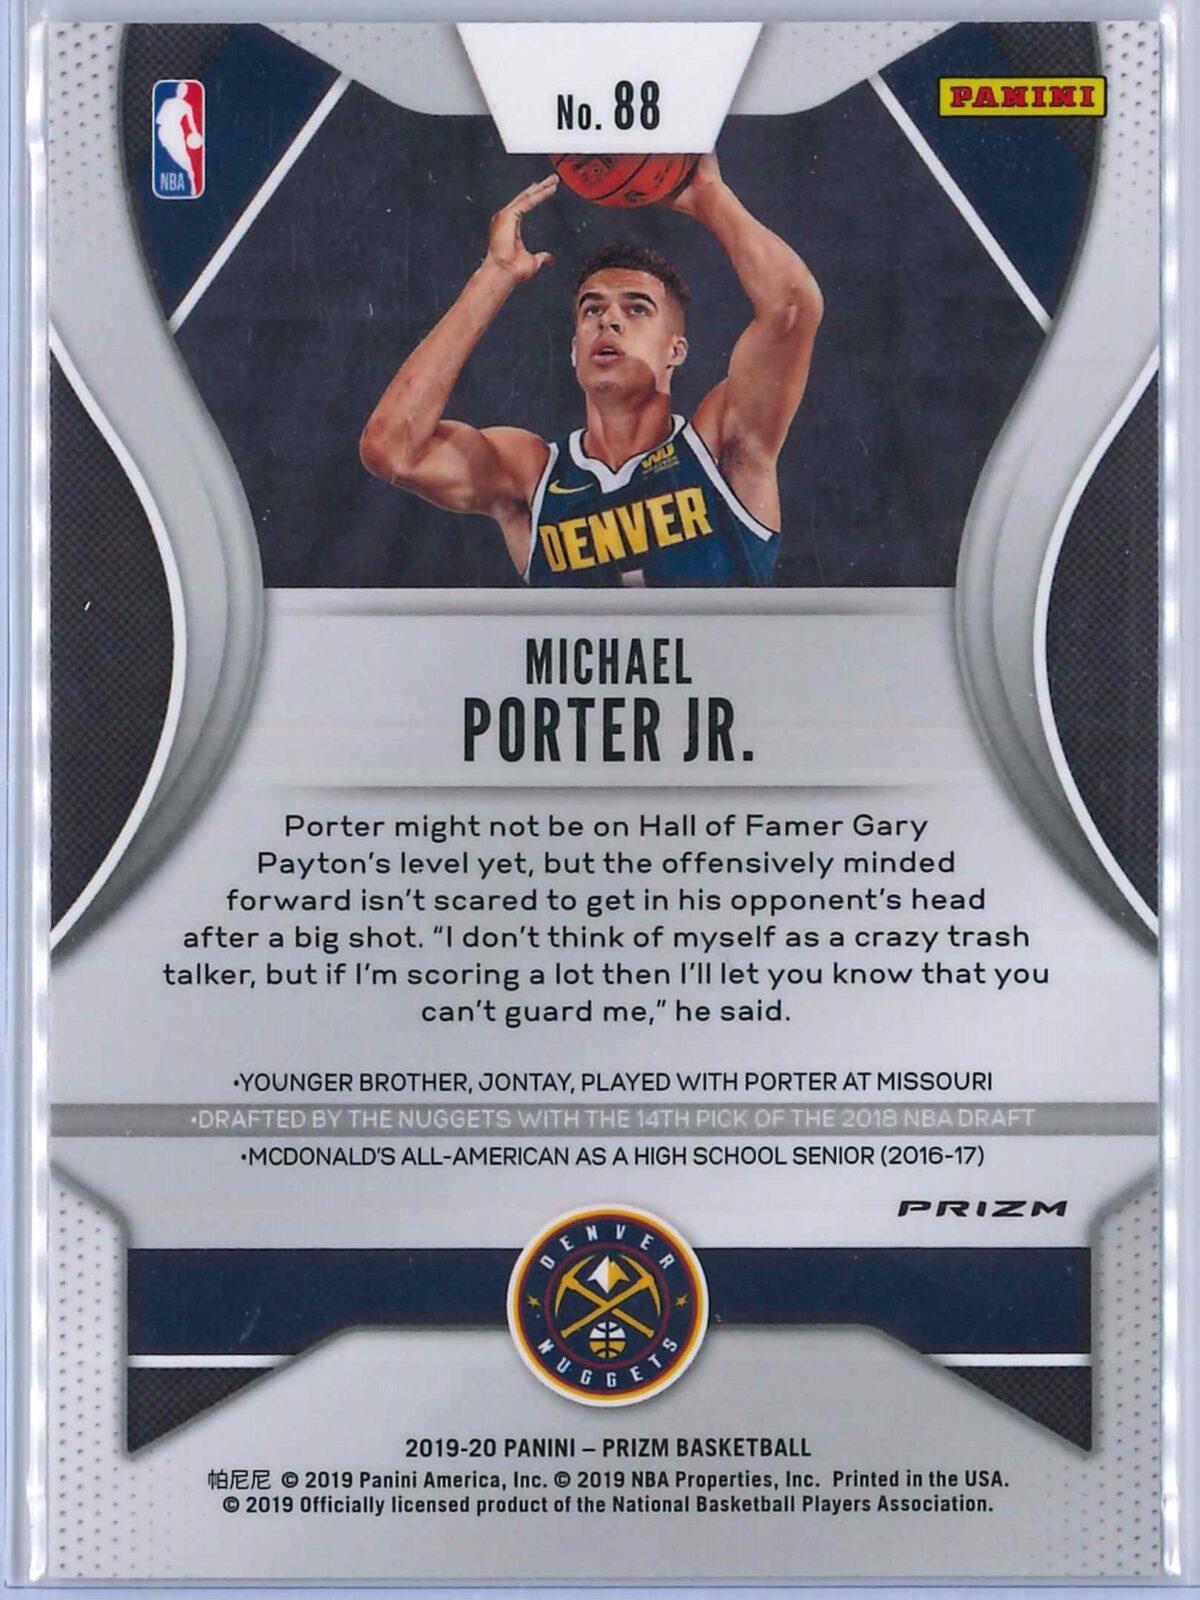 Michael Porter Jr. (2) Panini Prizm 2019-20 Base 2nd Year Silver